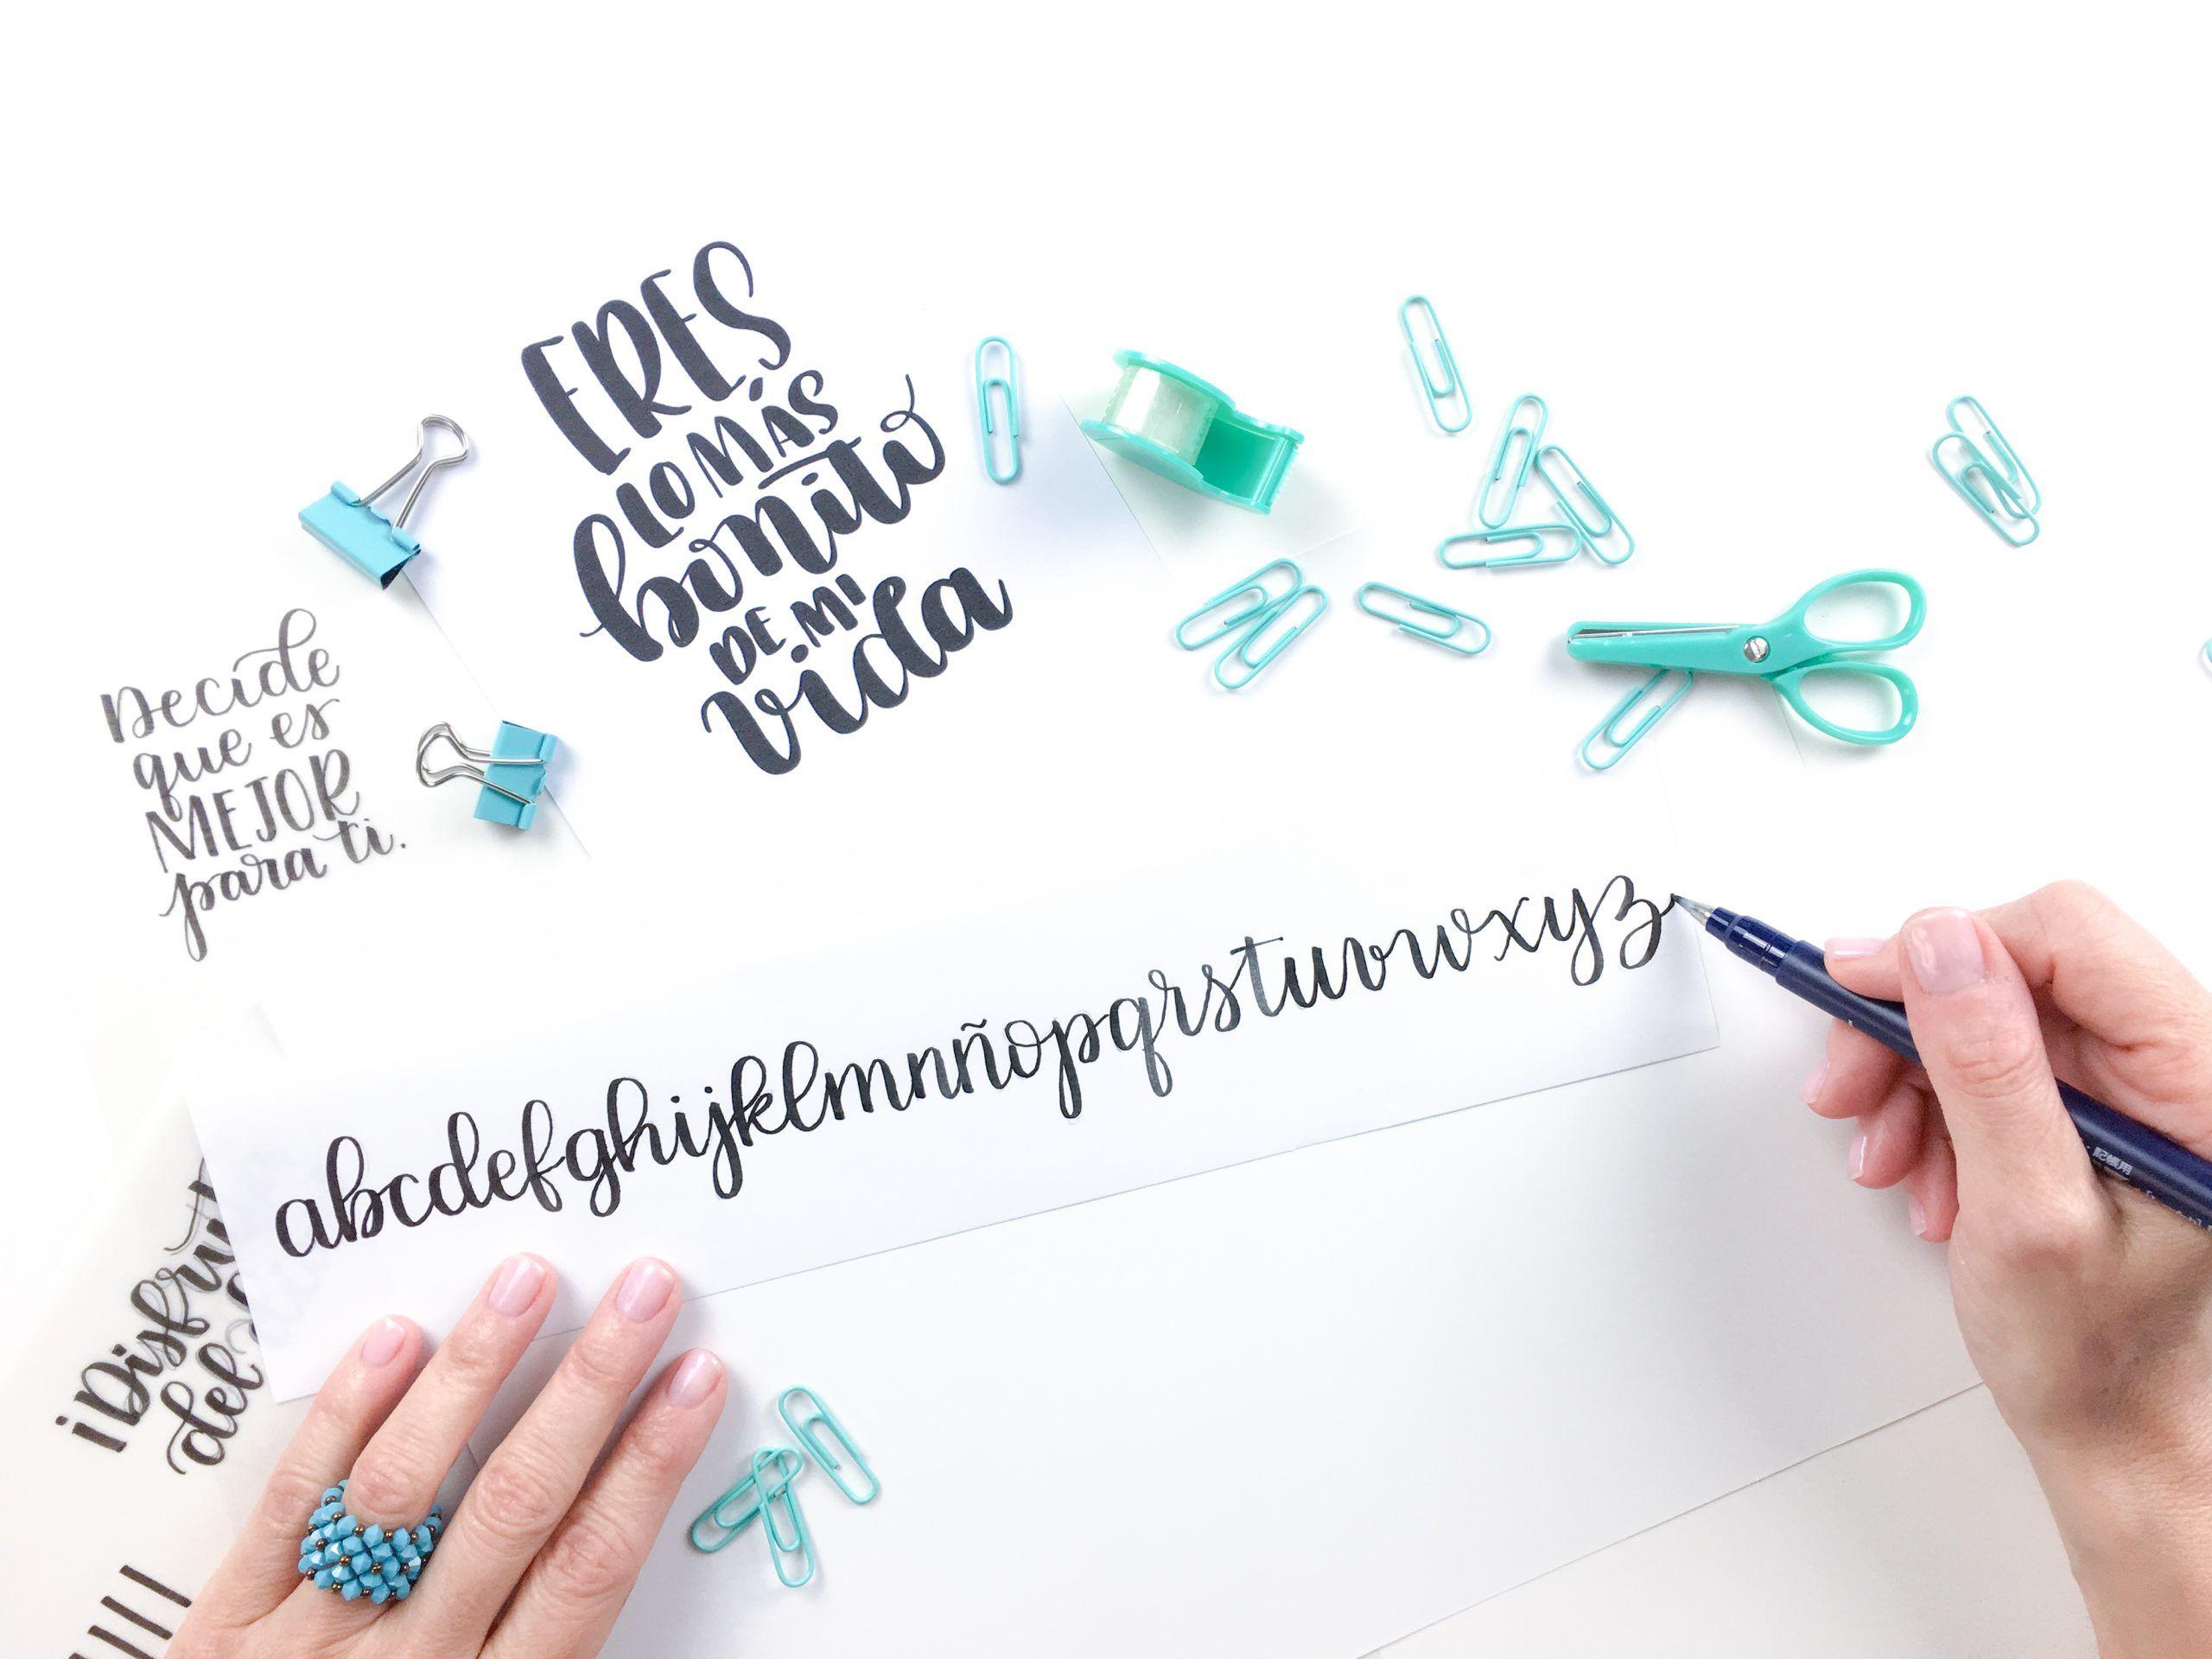 Aprende Brush Lettering